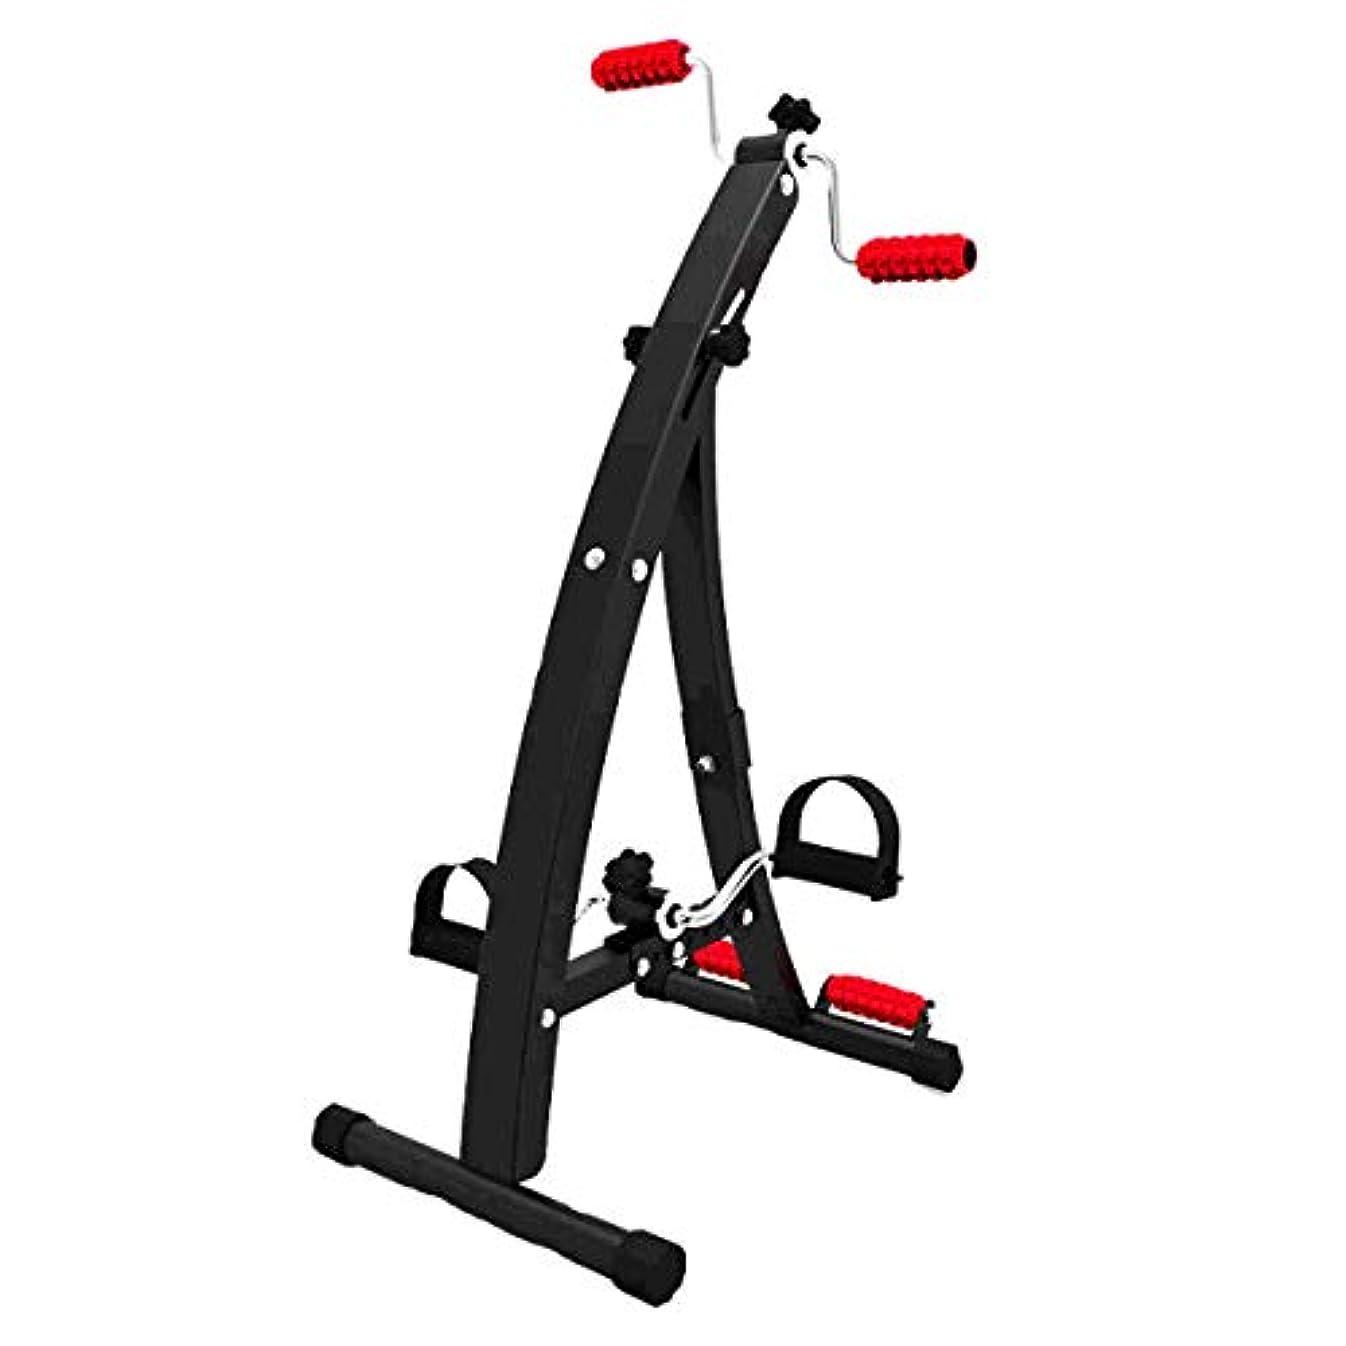 ペダルエクササイザー、医療リハビリテーション体操上肢および下肢のトレーニング機器、筋萎縮リハビリテーション訓練を防ぐ,A